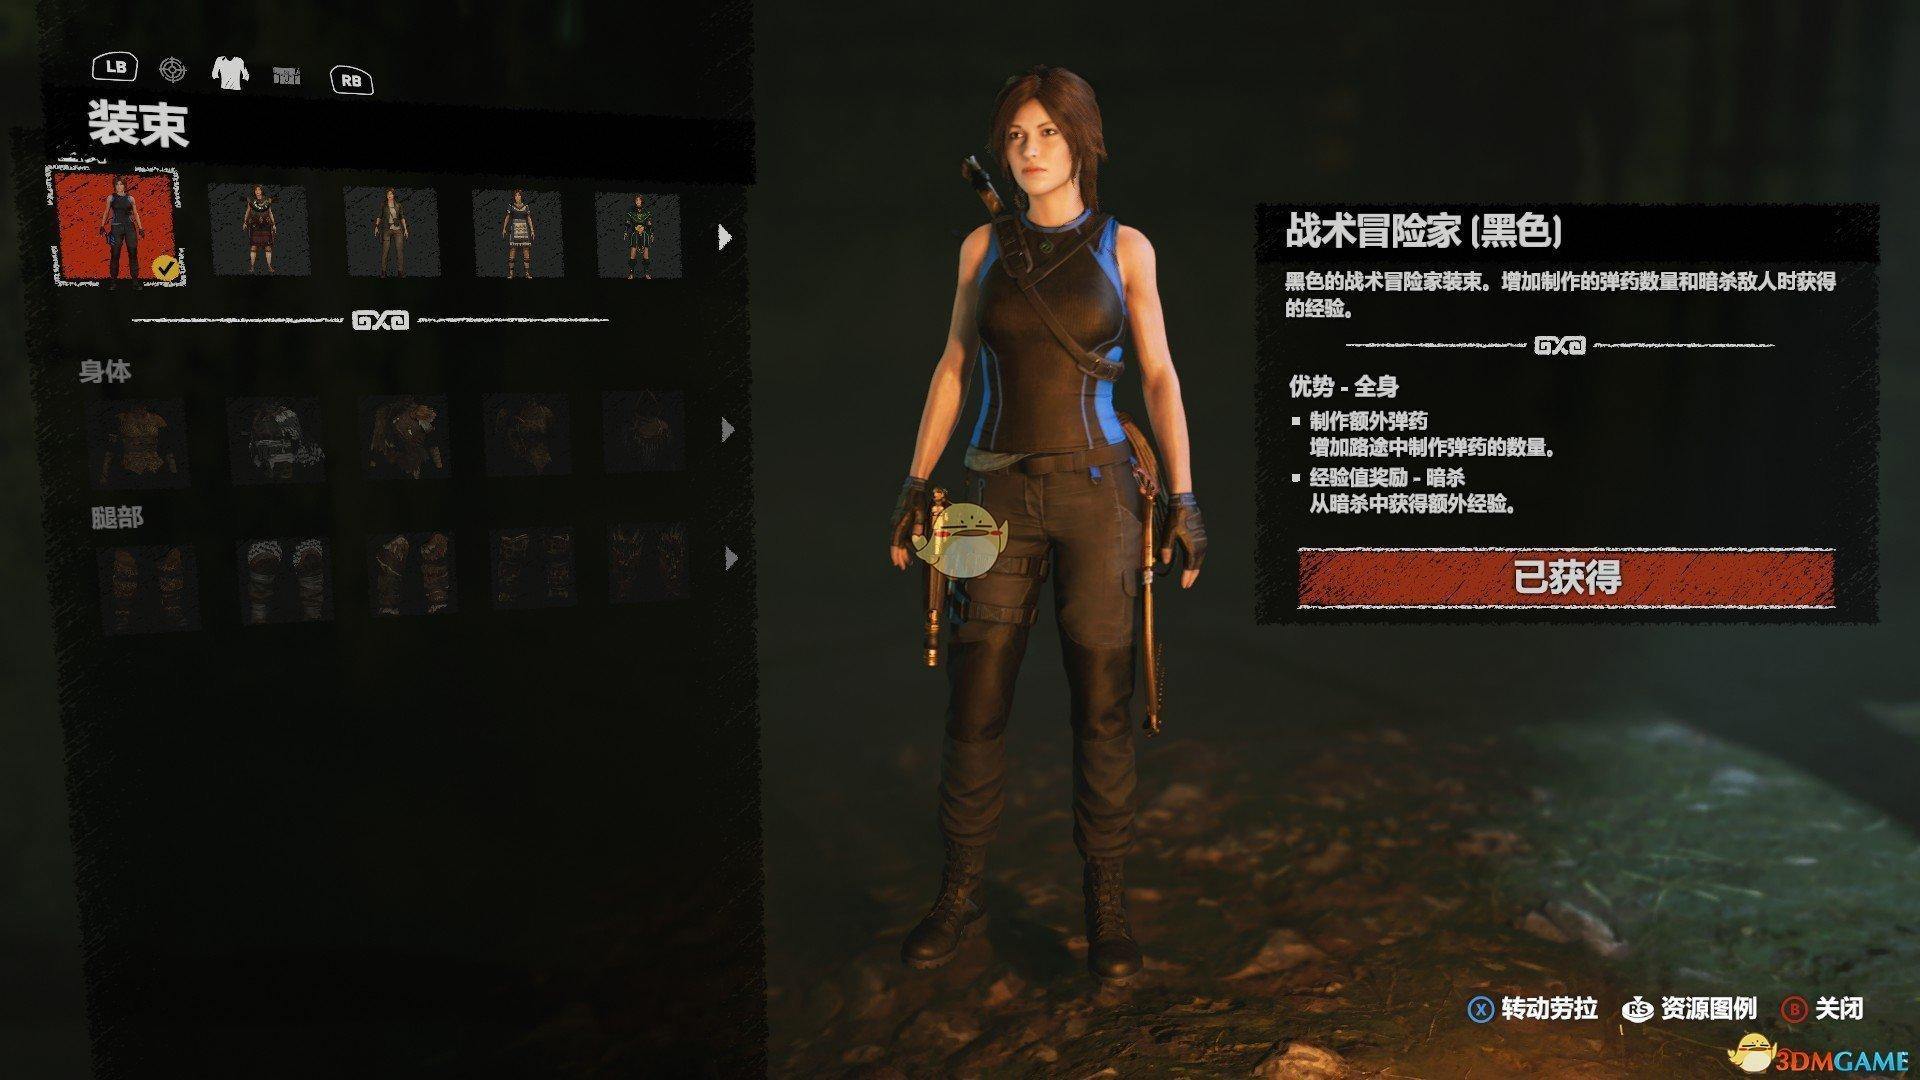 《古墓丽影:暗影》全服装收集图鉴介绍